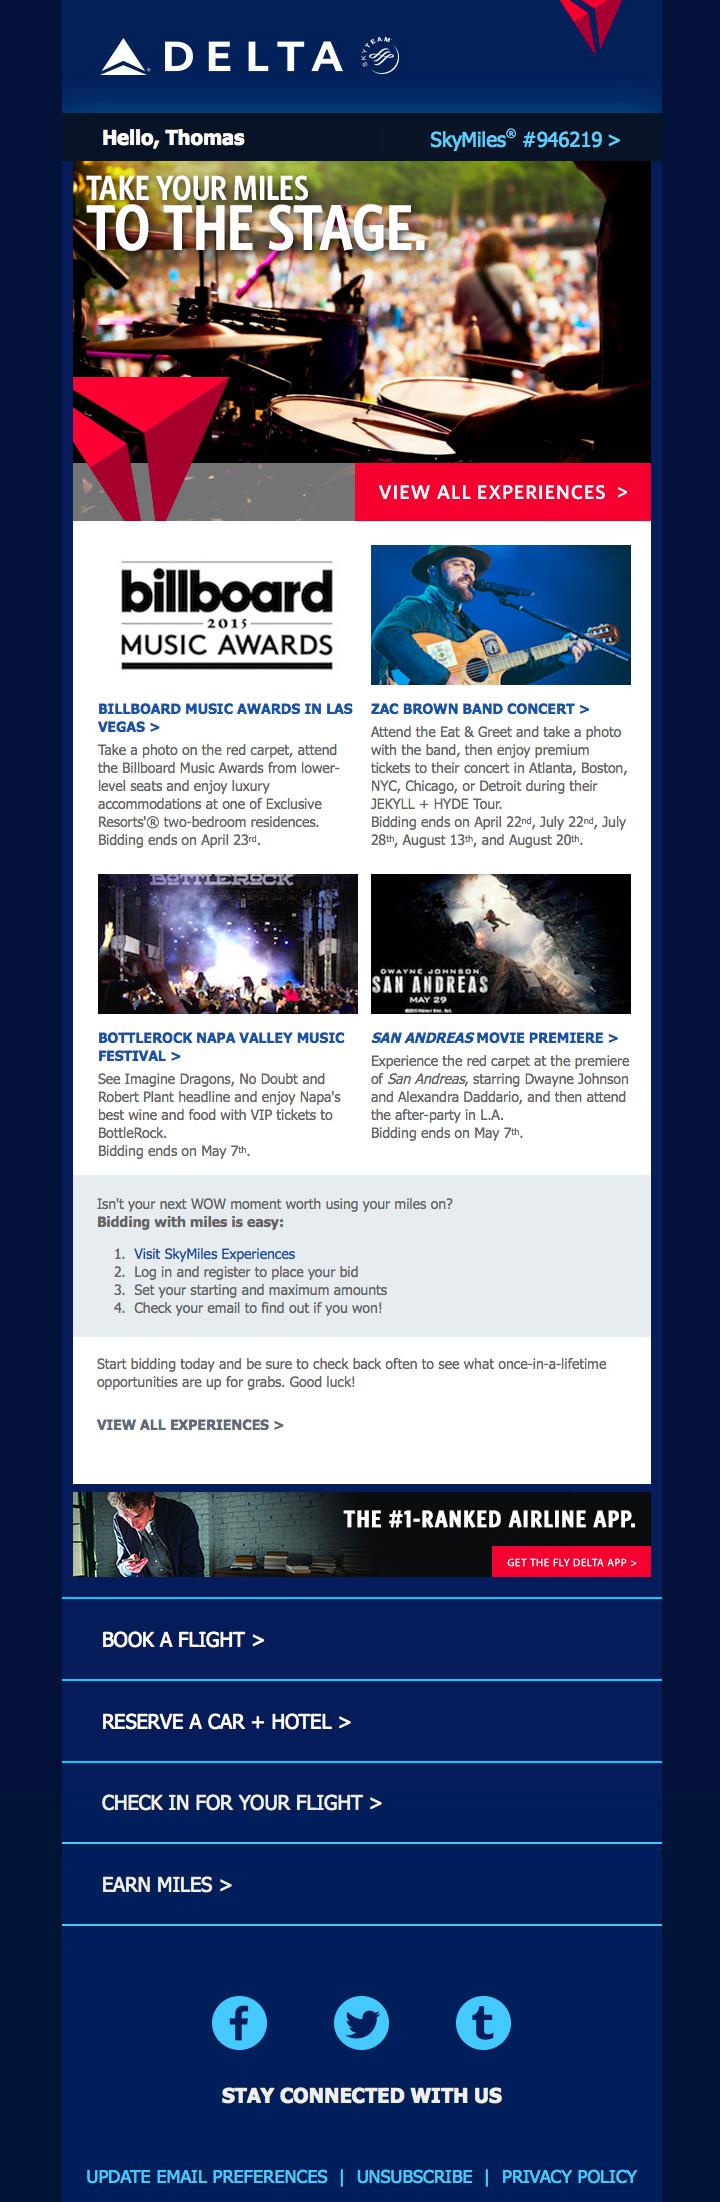 Delta-email1.jpg